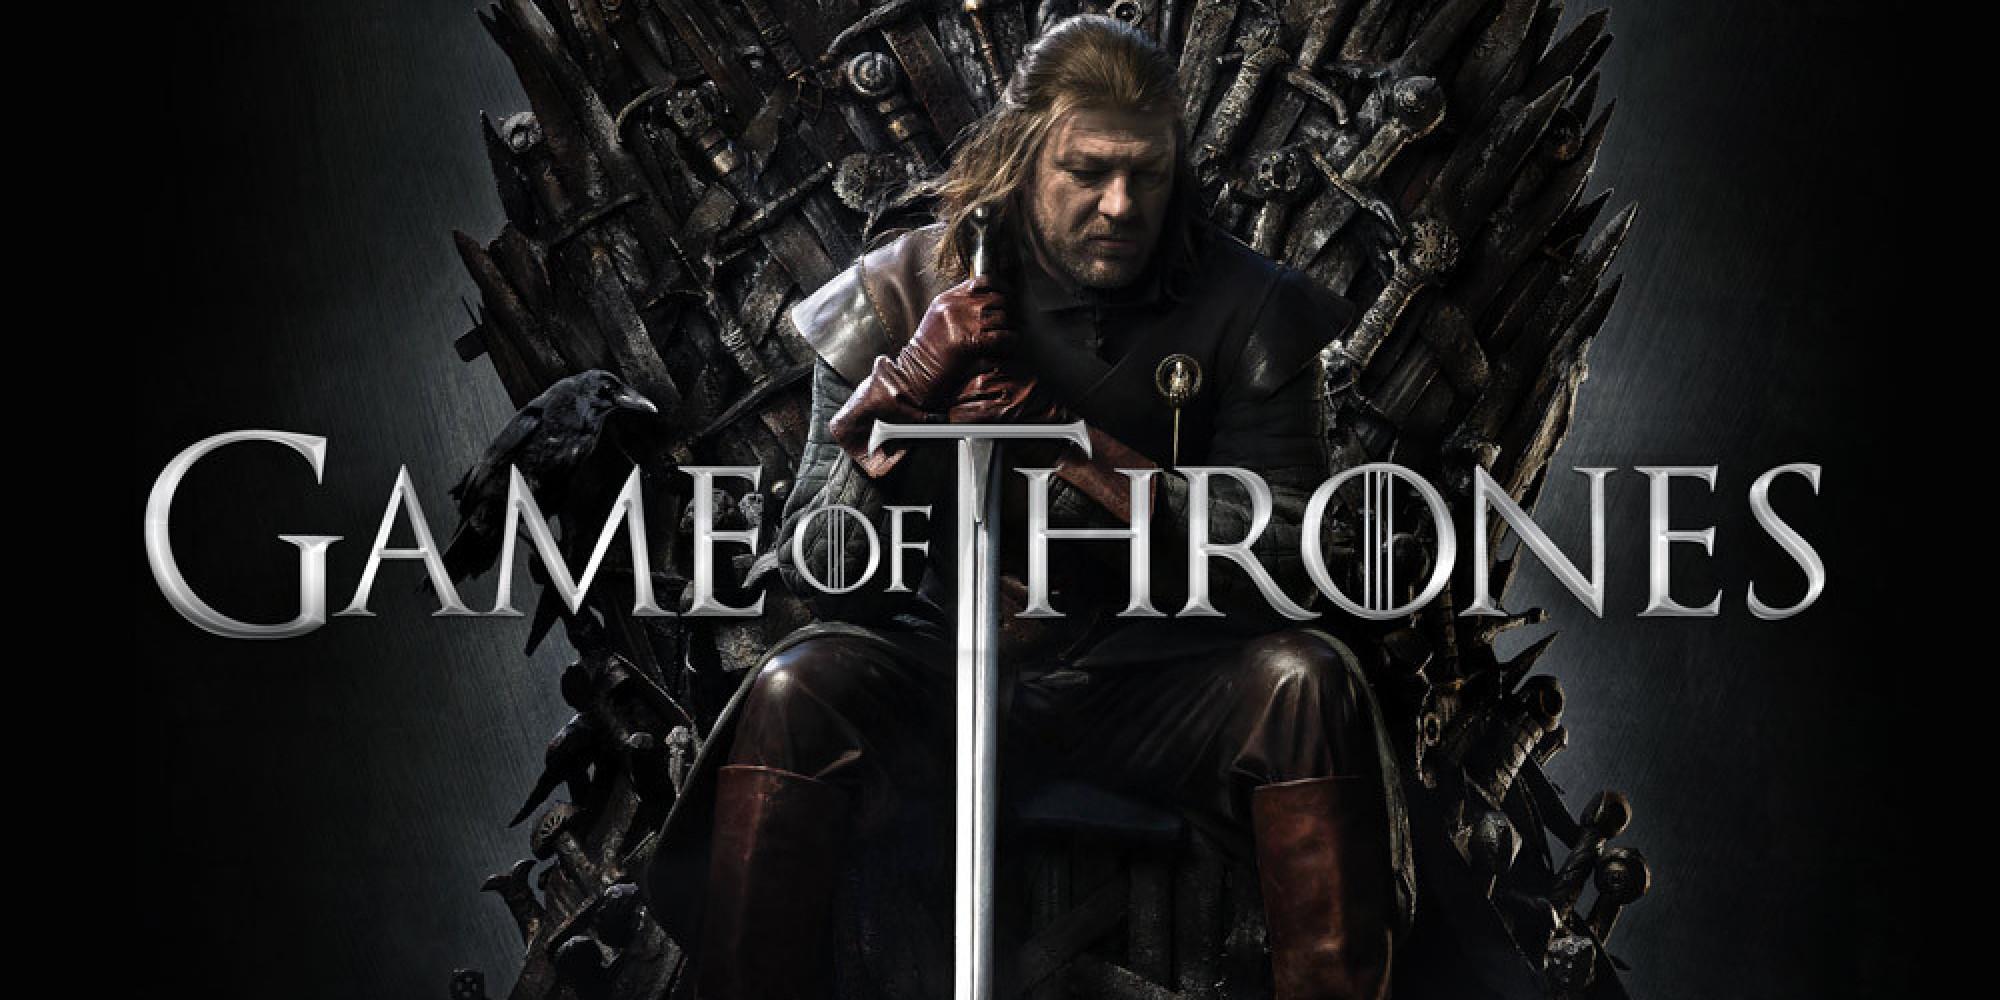 game_of_thrones uscita del gioco